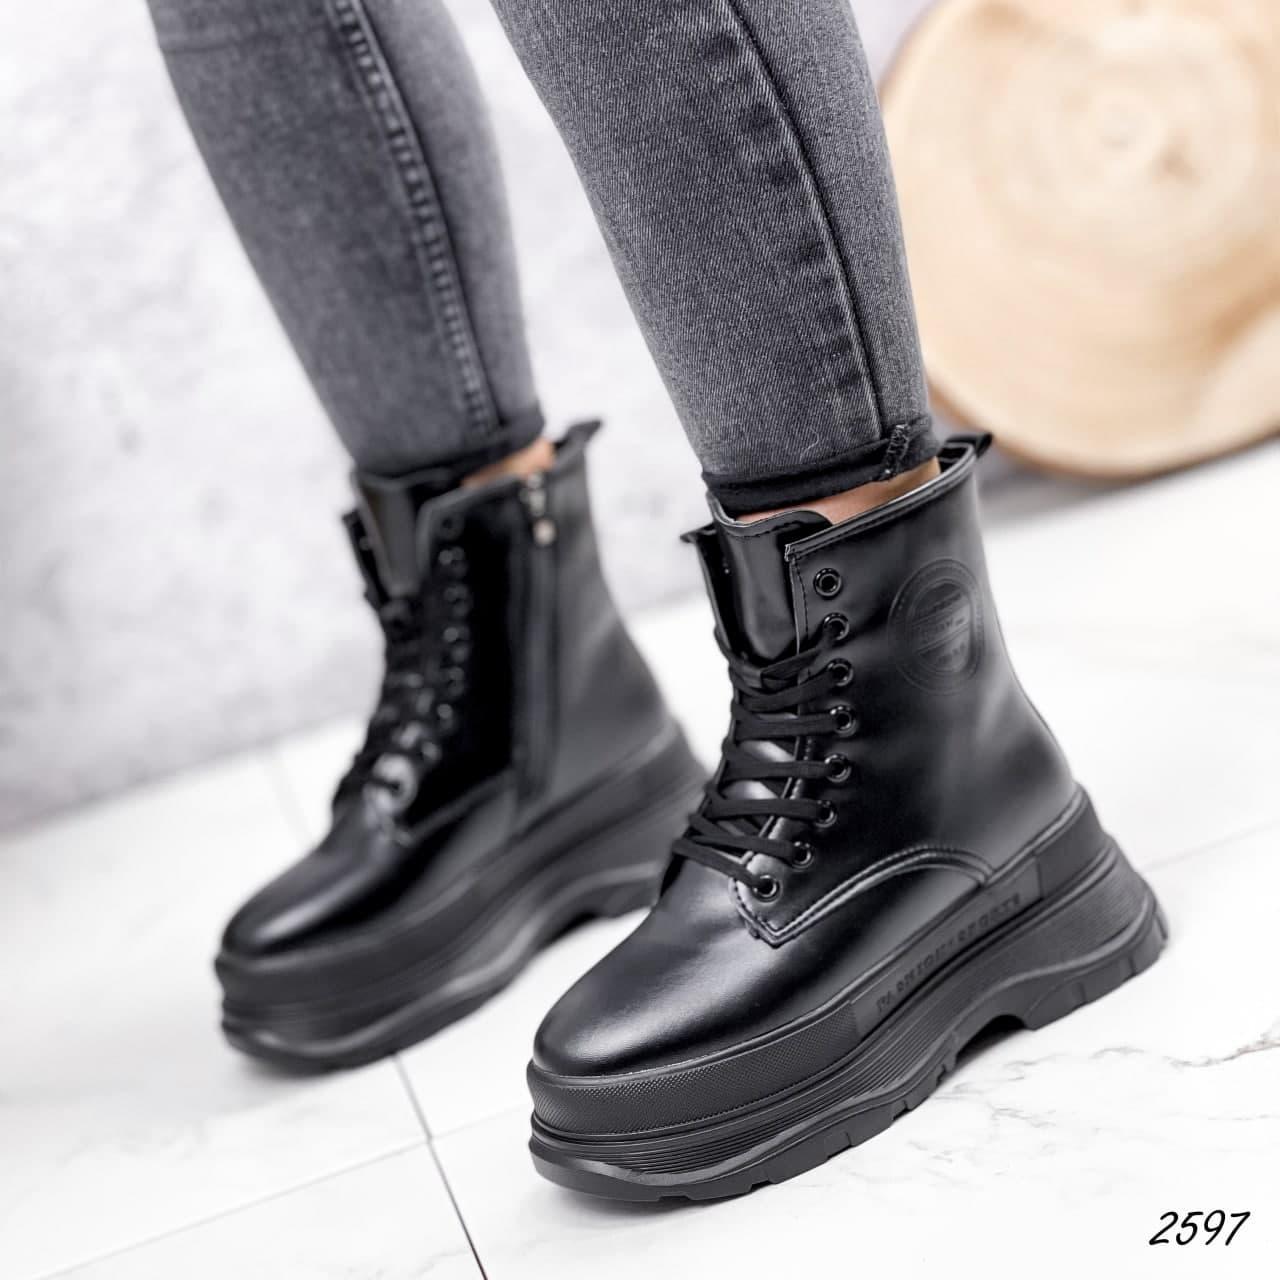 Черевики жіночі чорні, зимові з еко шкіри. Черевики жіночі теплі чорні на платформі